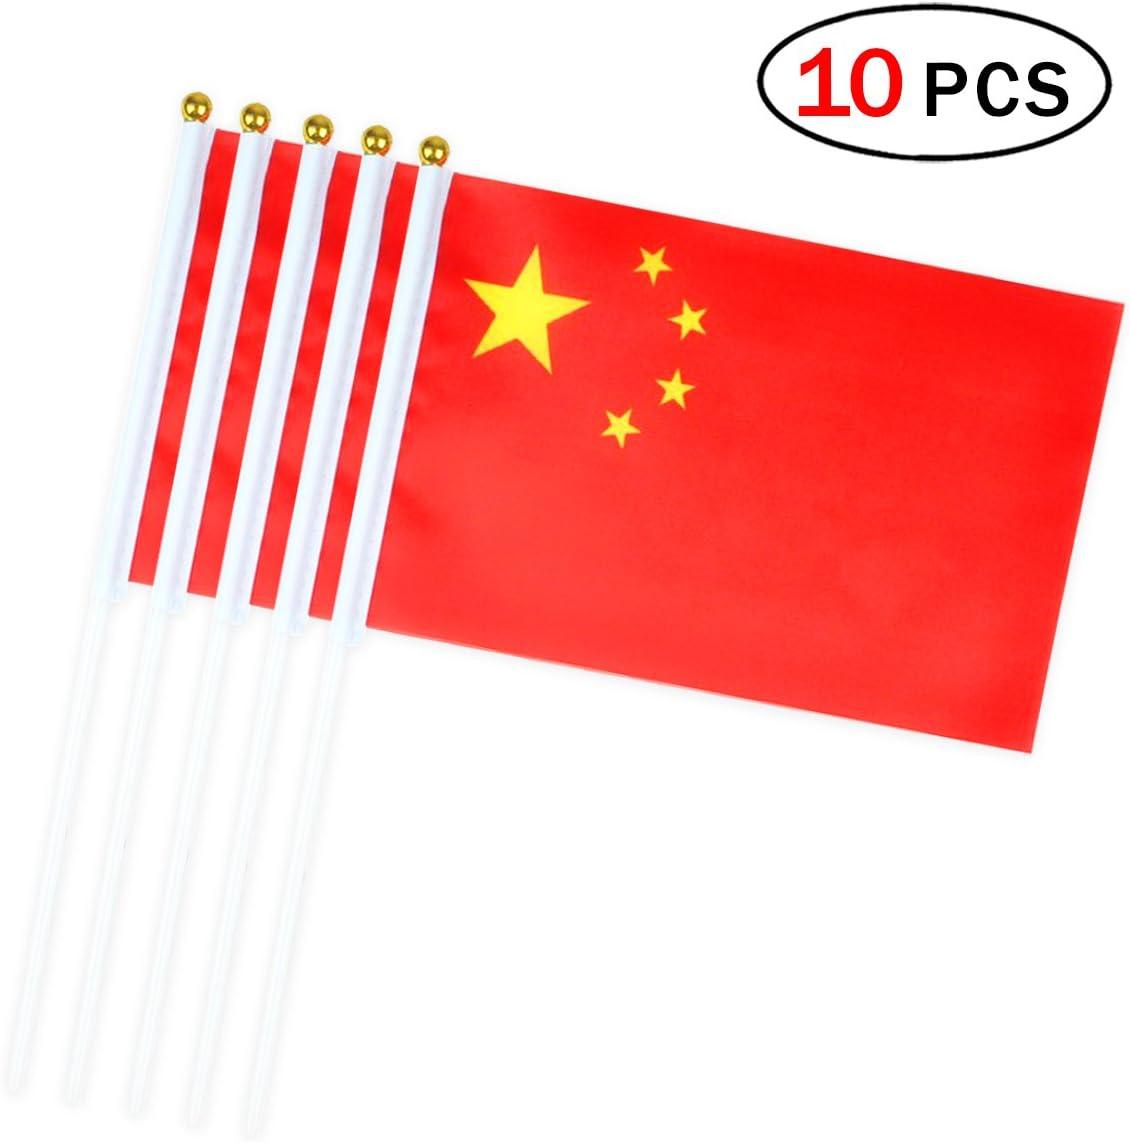 Banderas Pequeñas,Banderas de Mano,Bandera de China con 14 x 21 CM Juego de 10 PCS Mini Bandera Nacional Mini Bandera China: Amazon.es: Deportes y aire libre